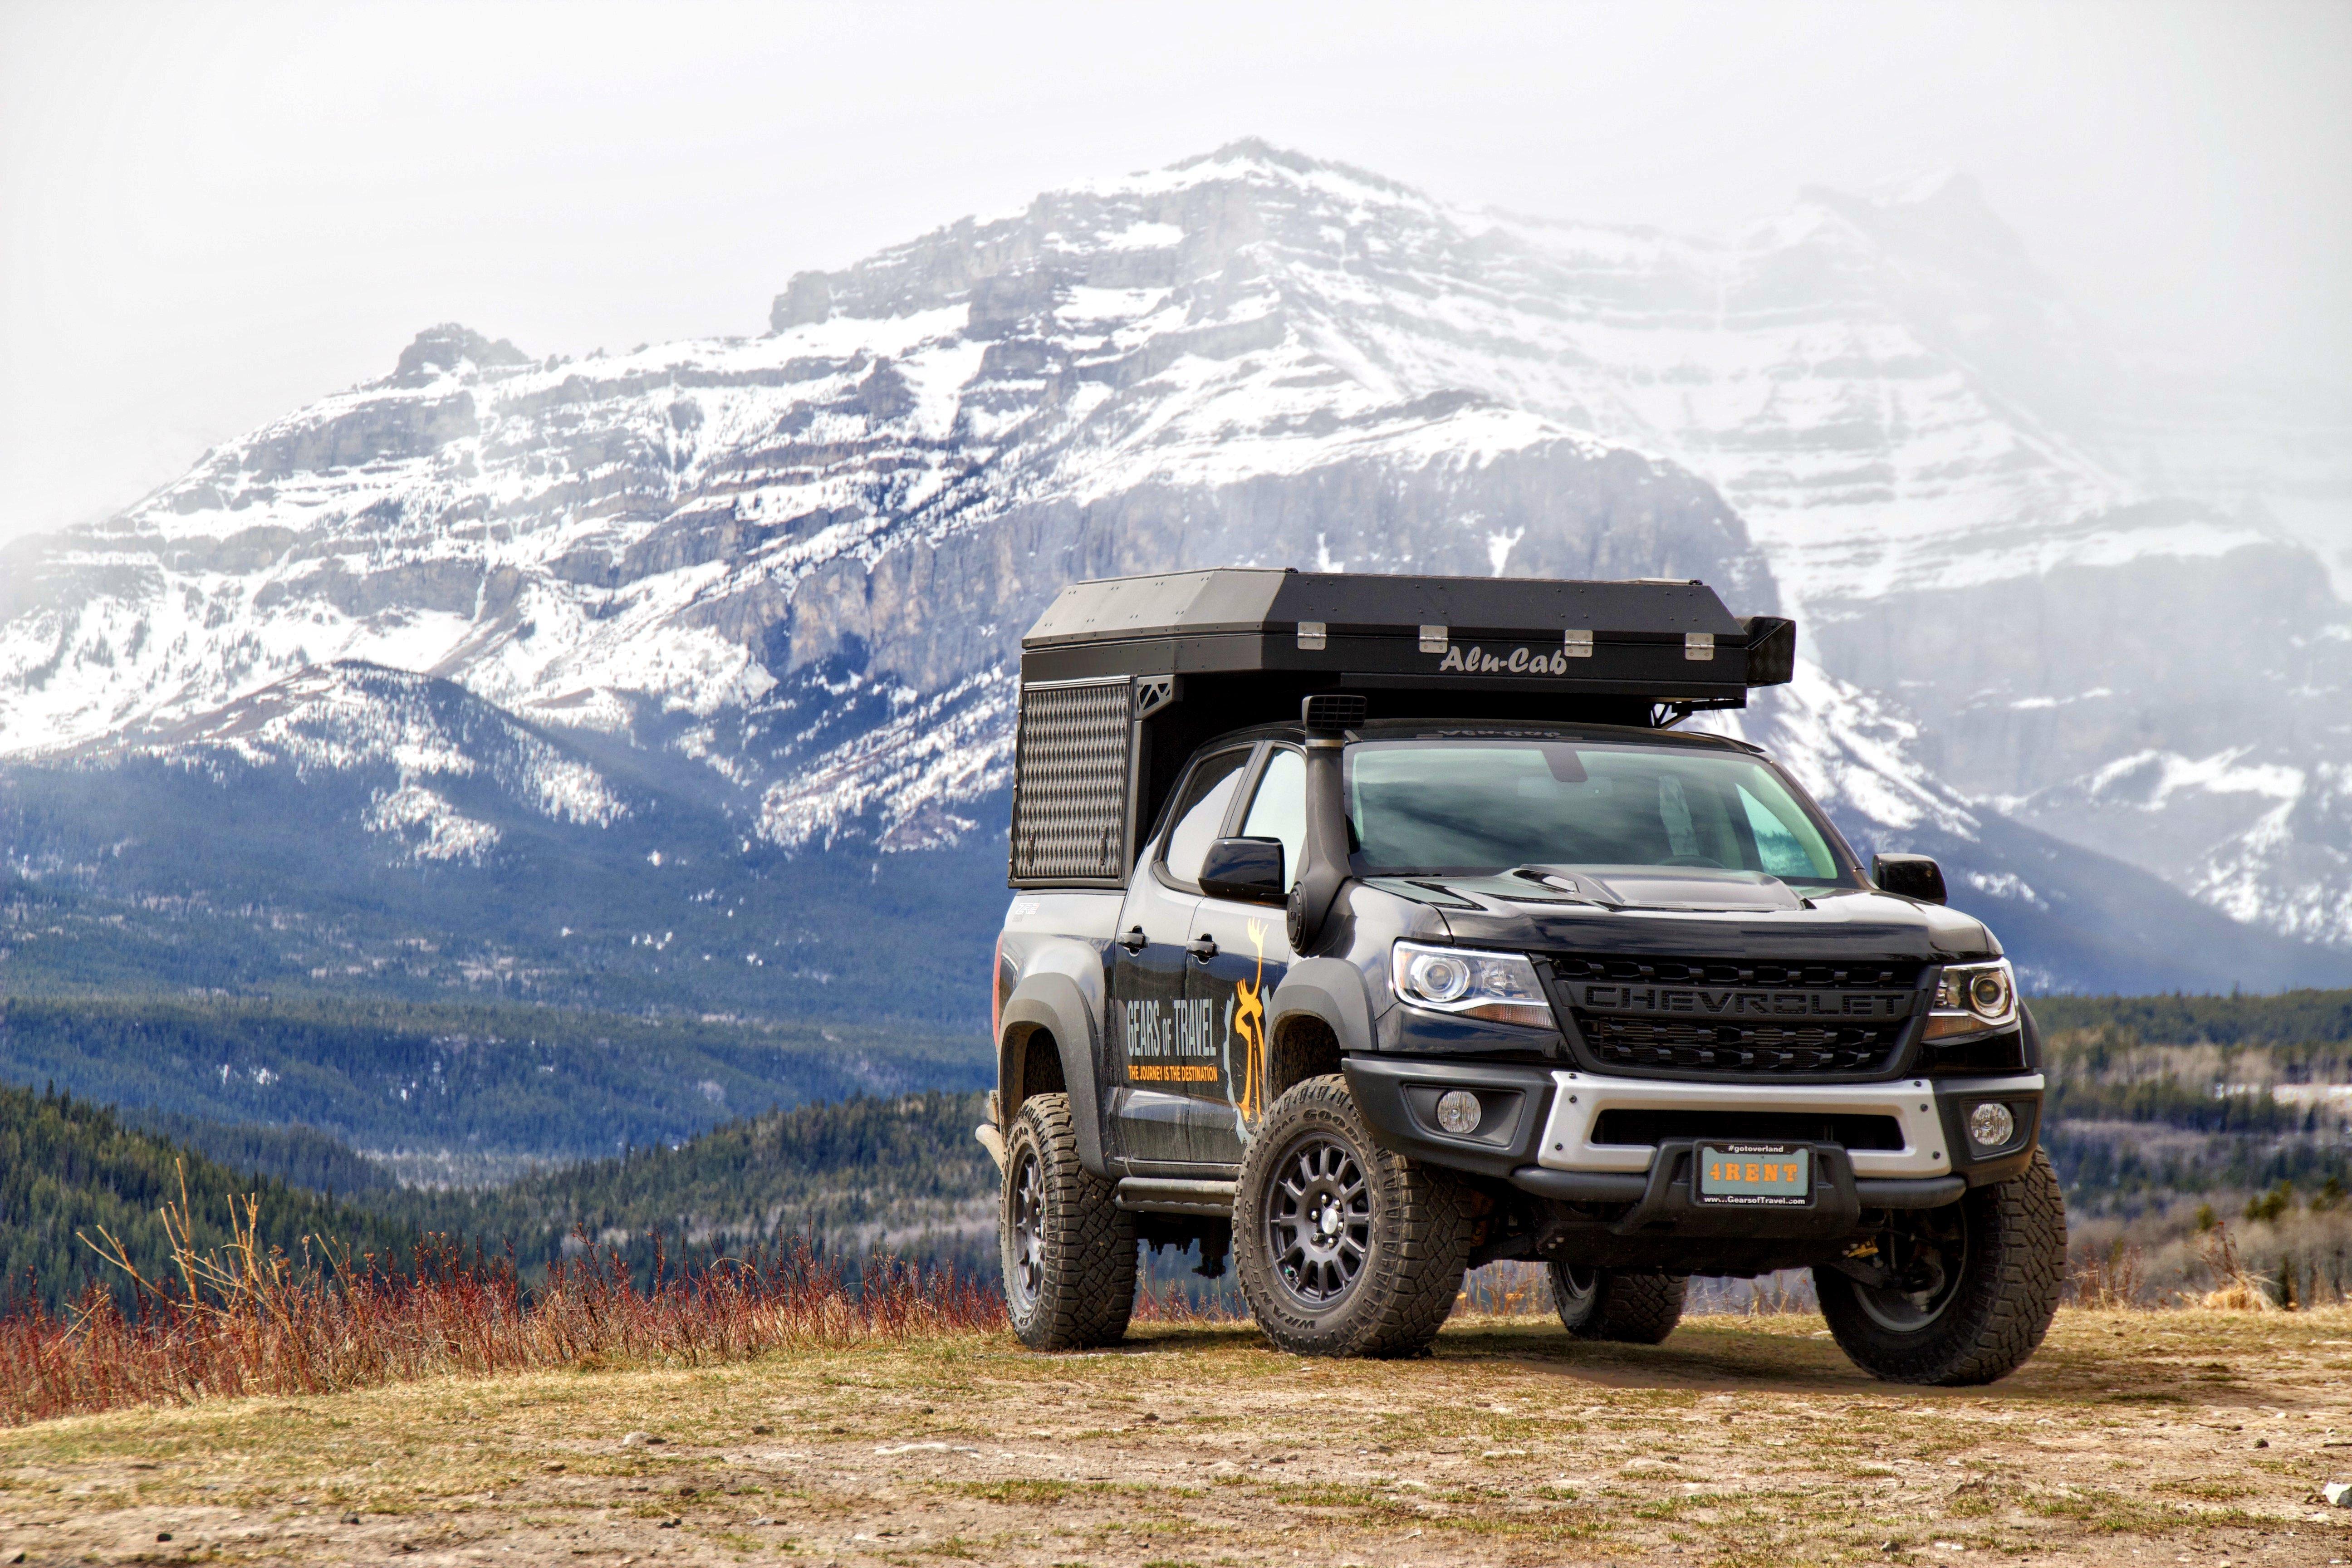 2019 Chevrolet Colorado Zr2 Bison Truck Camper Rental In Calgary Ab Outdoorsy